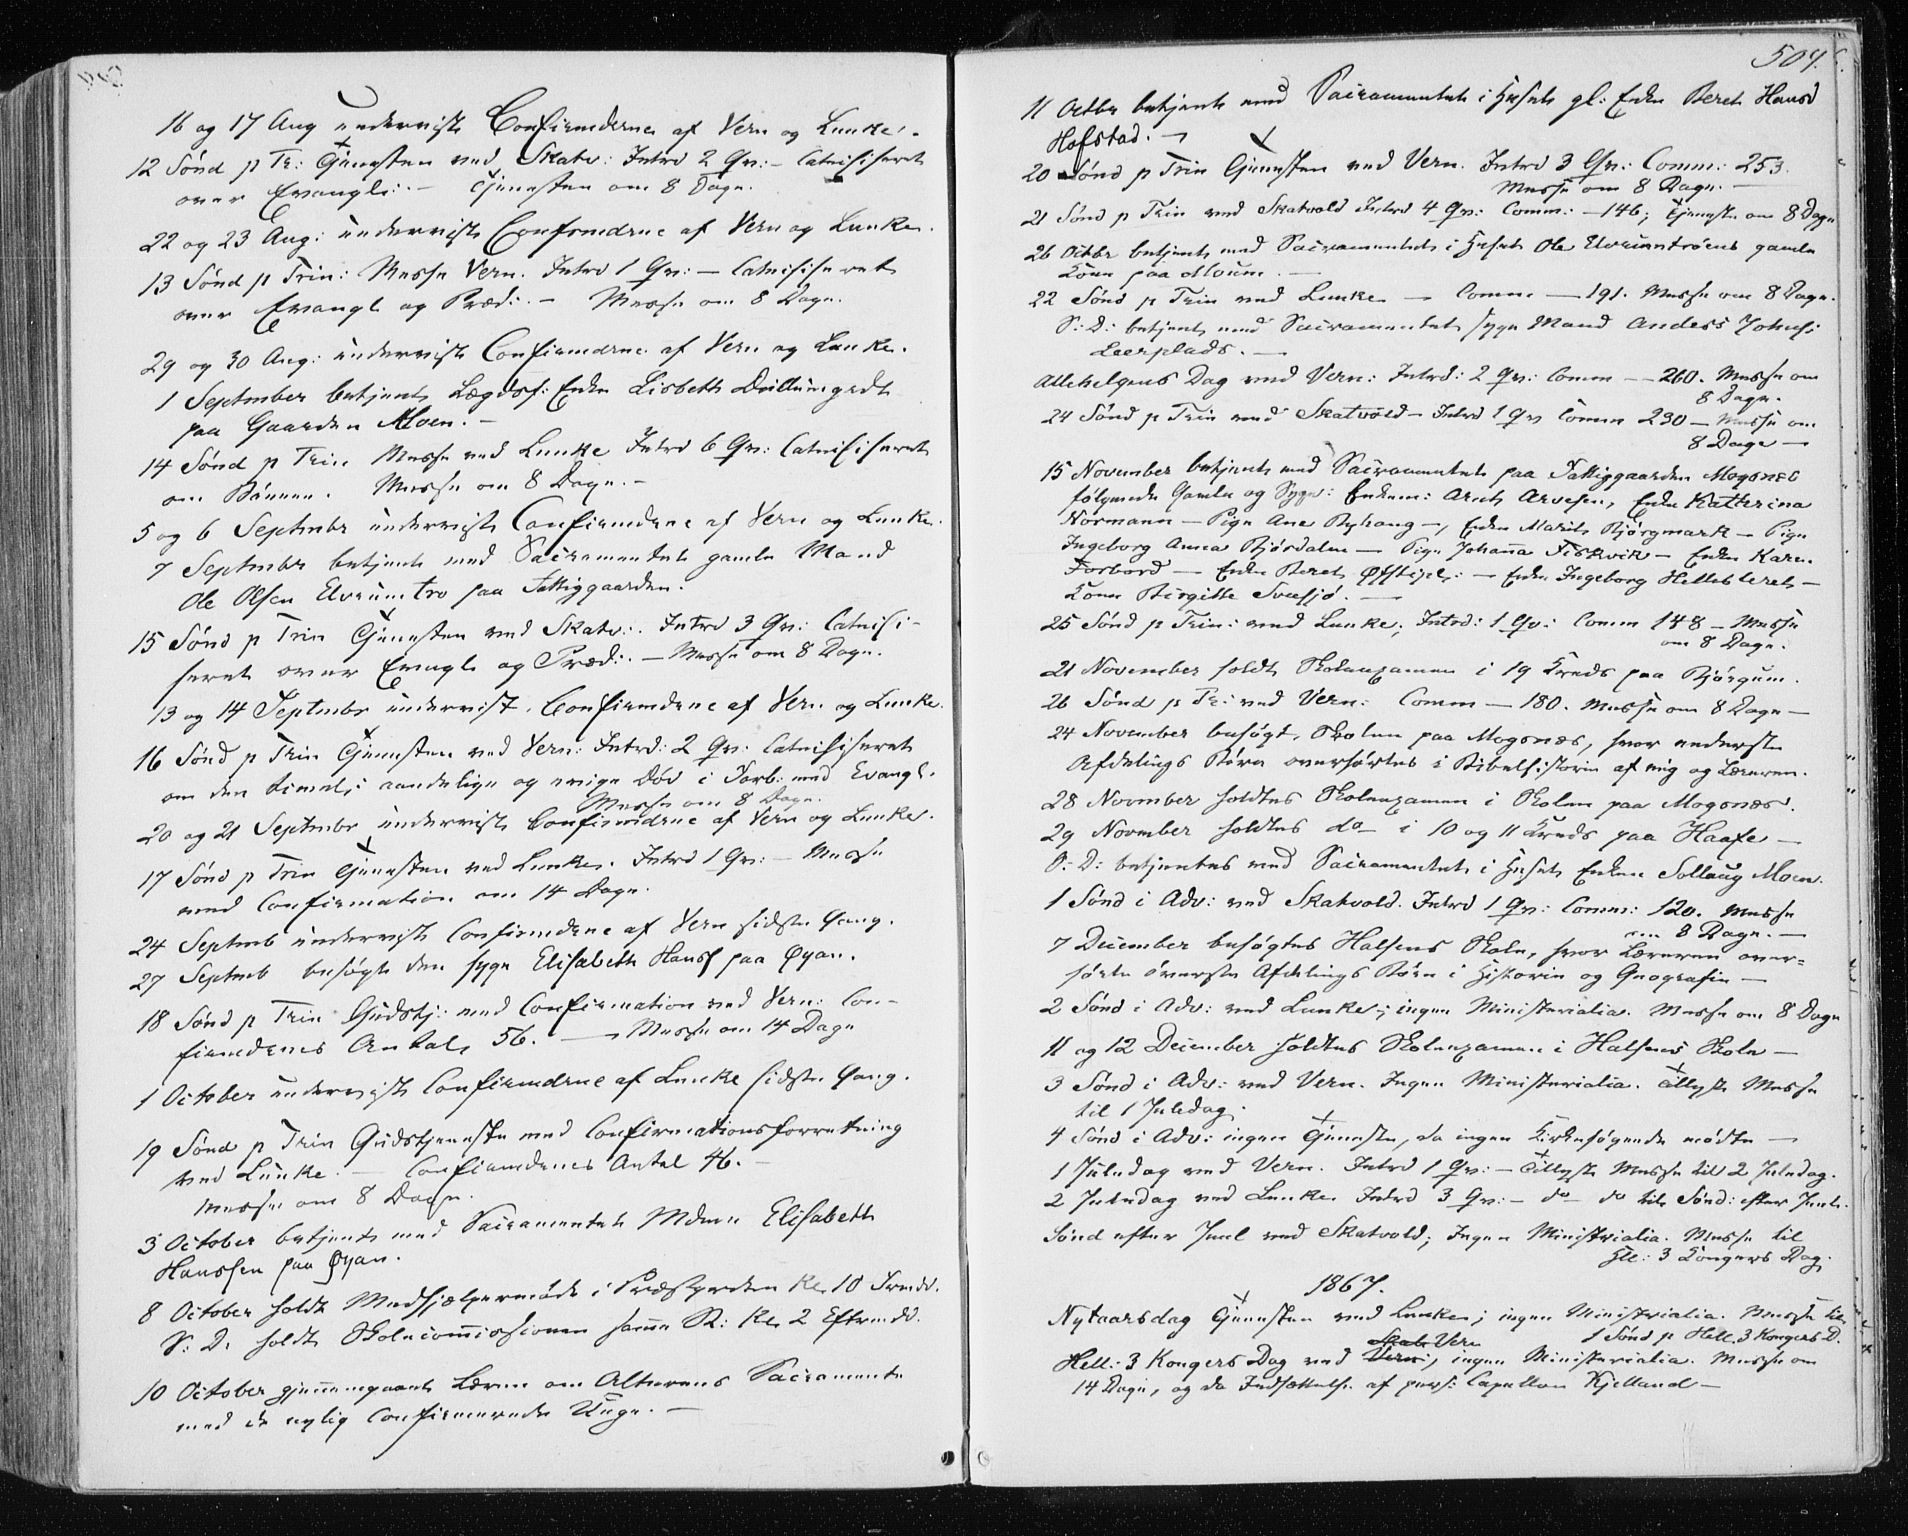 SAT, Ministerialprotokoller, klokkerbøker og fødselsregistre - Nord-Trøndelag, 709/L0075: Ministerialbok nr. 709A15, 1859-1870, s. 504